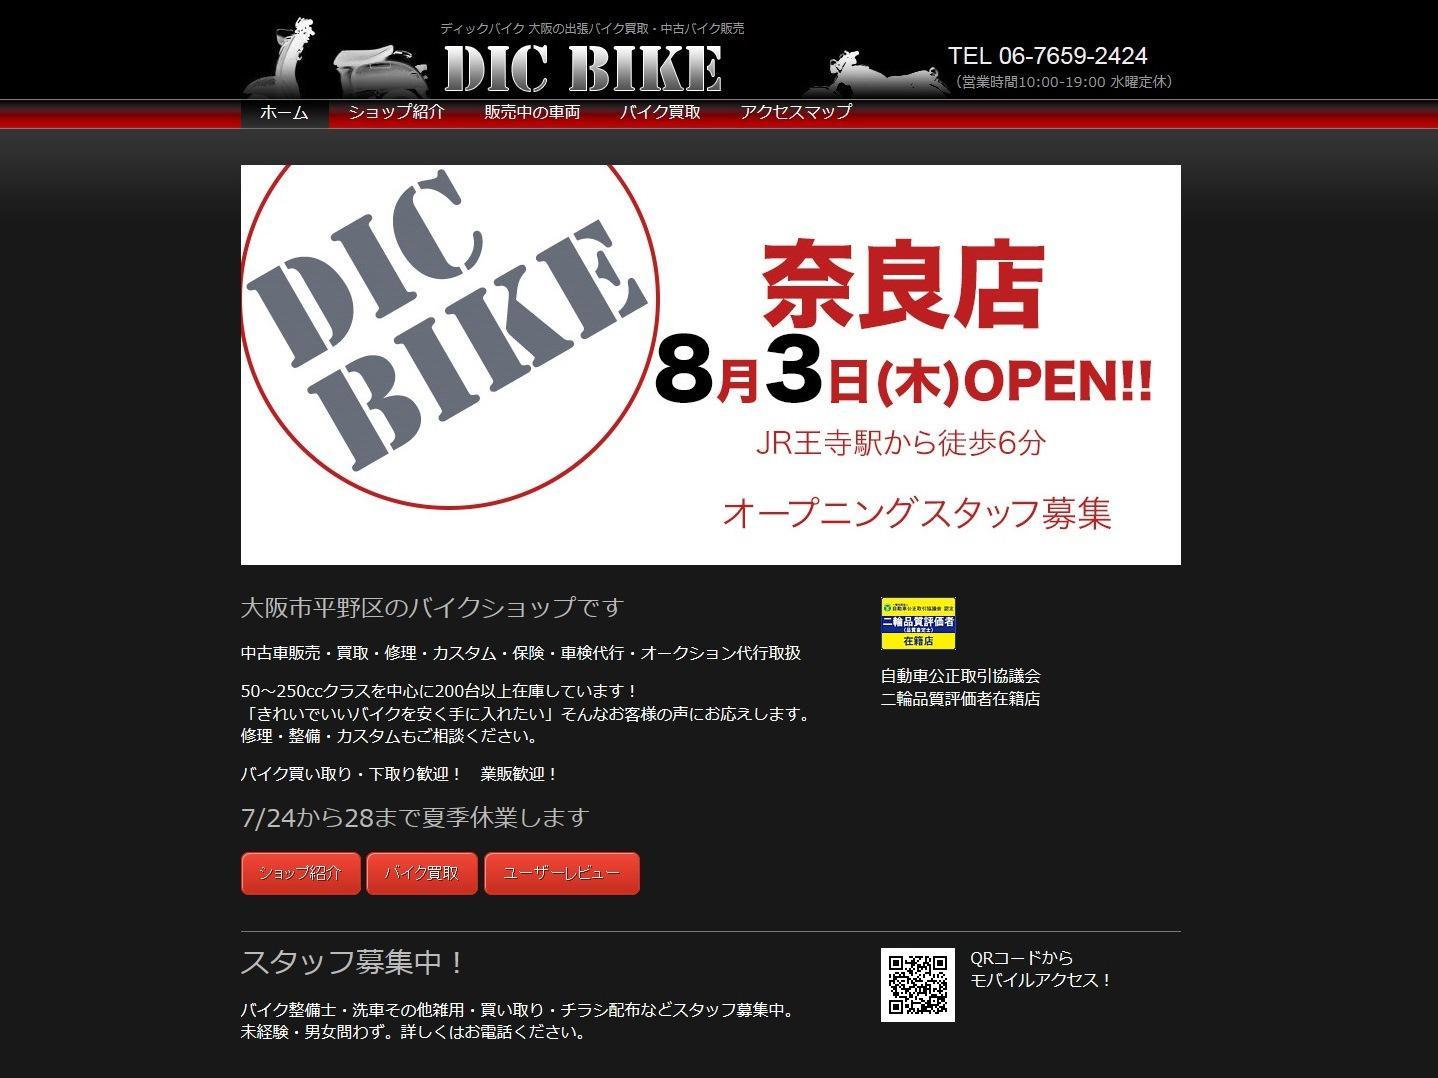 ディックバイク奈良